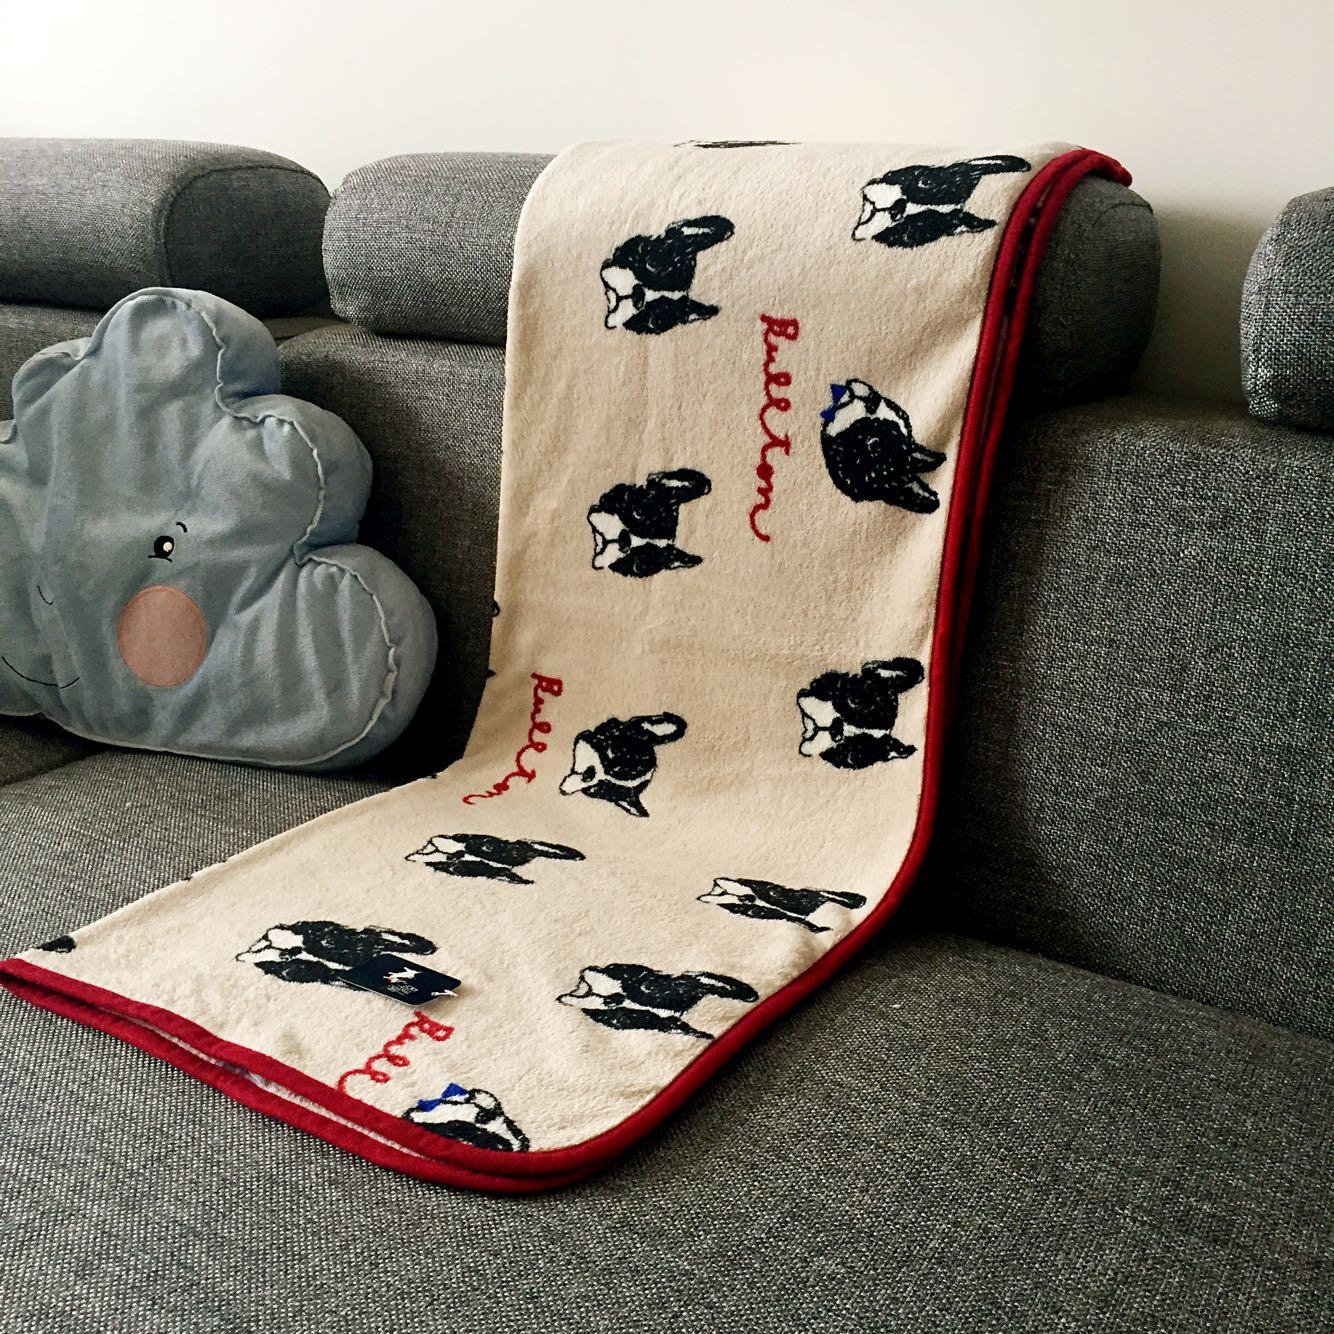 日系时尚可爱法莱绒毛毯休闲毯宝宝盖毯办公室膝盖毯子